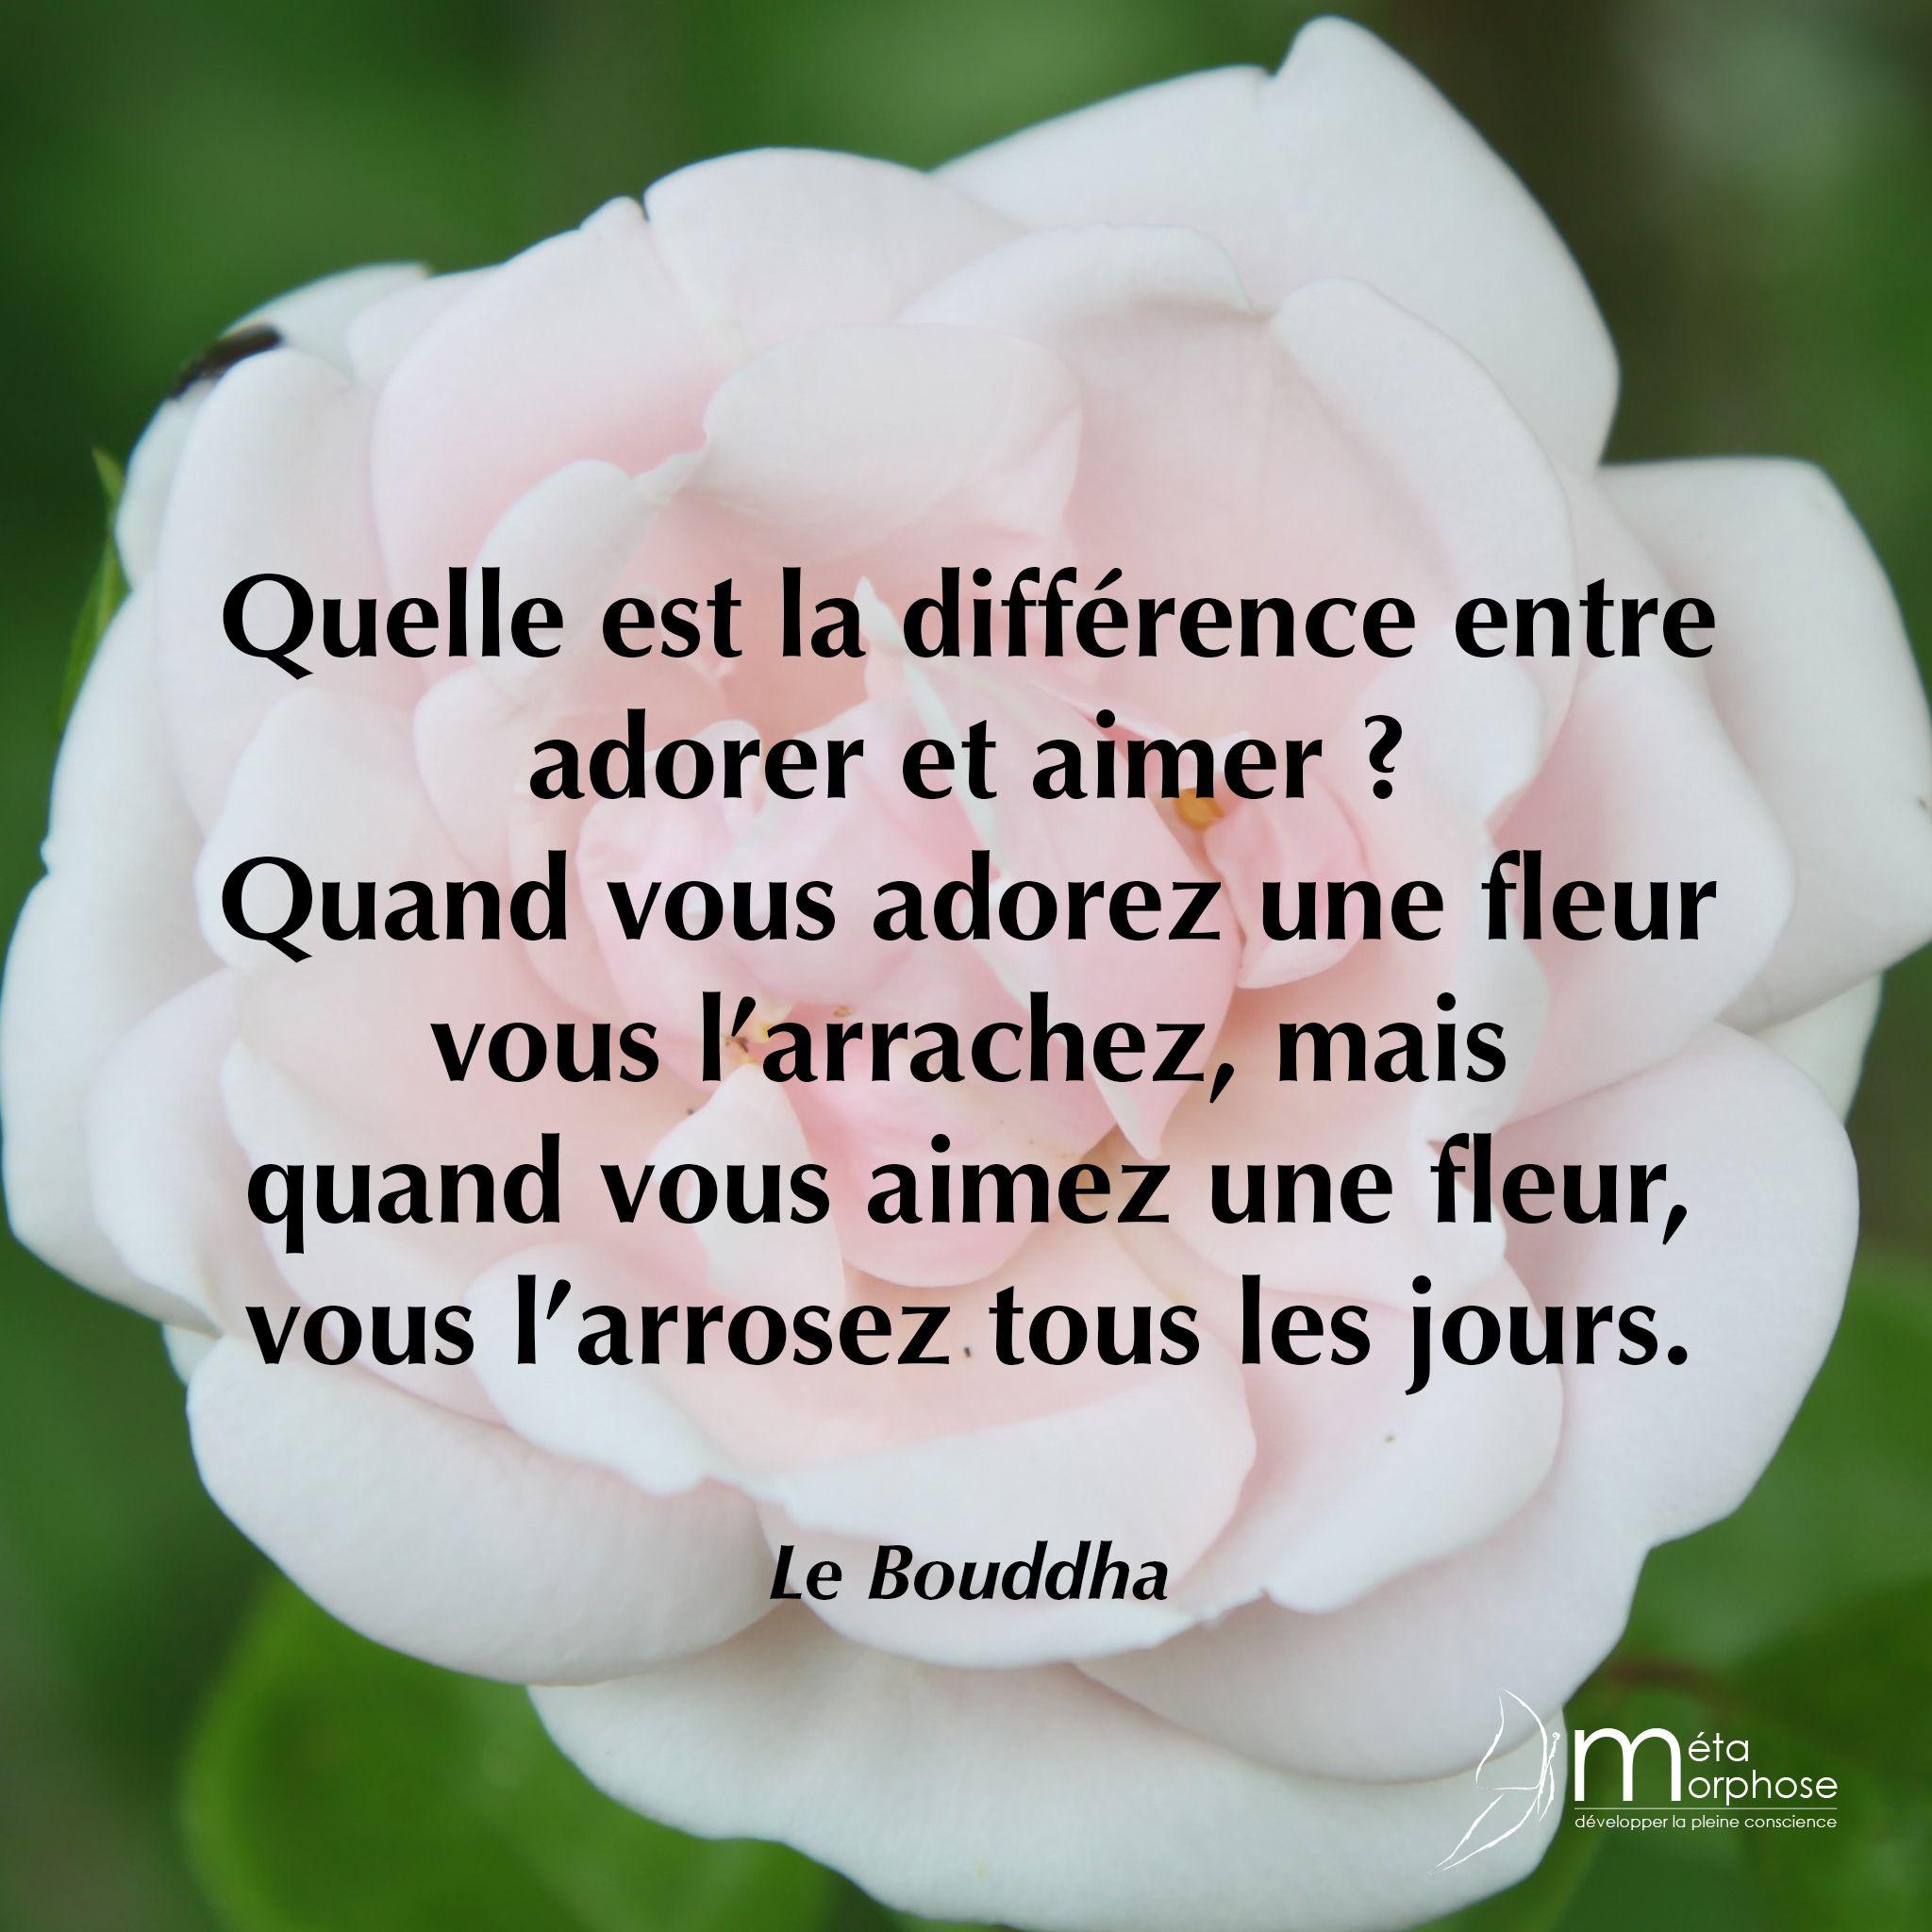 Différence entre adorer et aimer. #08h08 #JeSuisPrésentAMaVie ...